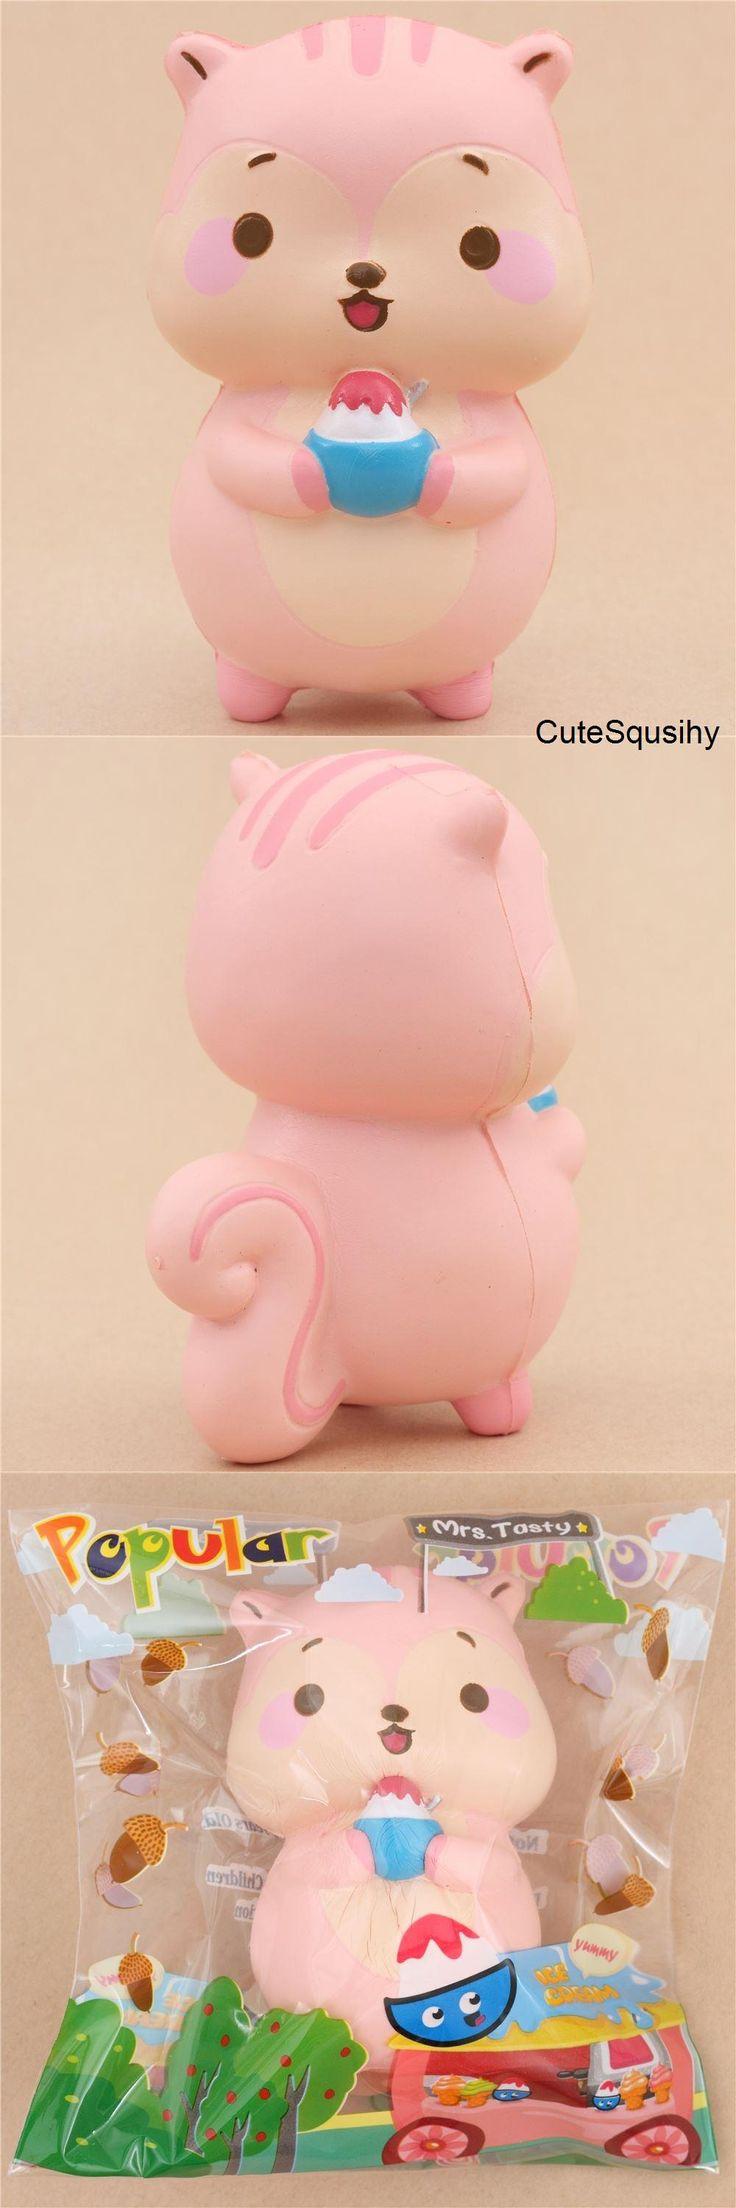 Popularboxes_hk Squishy kawaii parfumé en forme d'écureuil rose